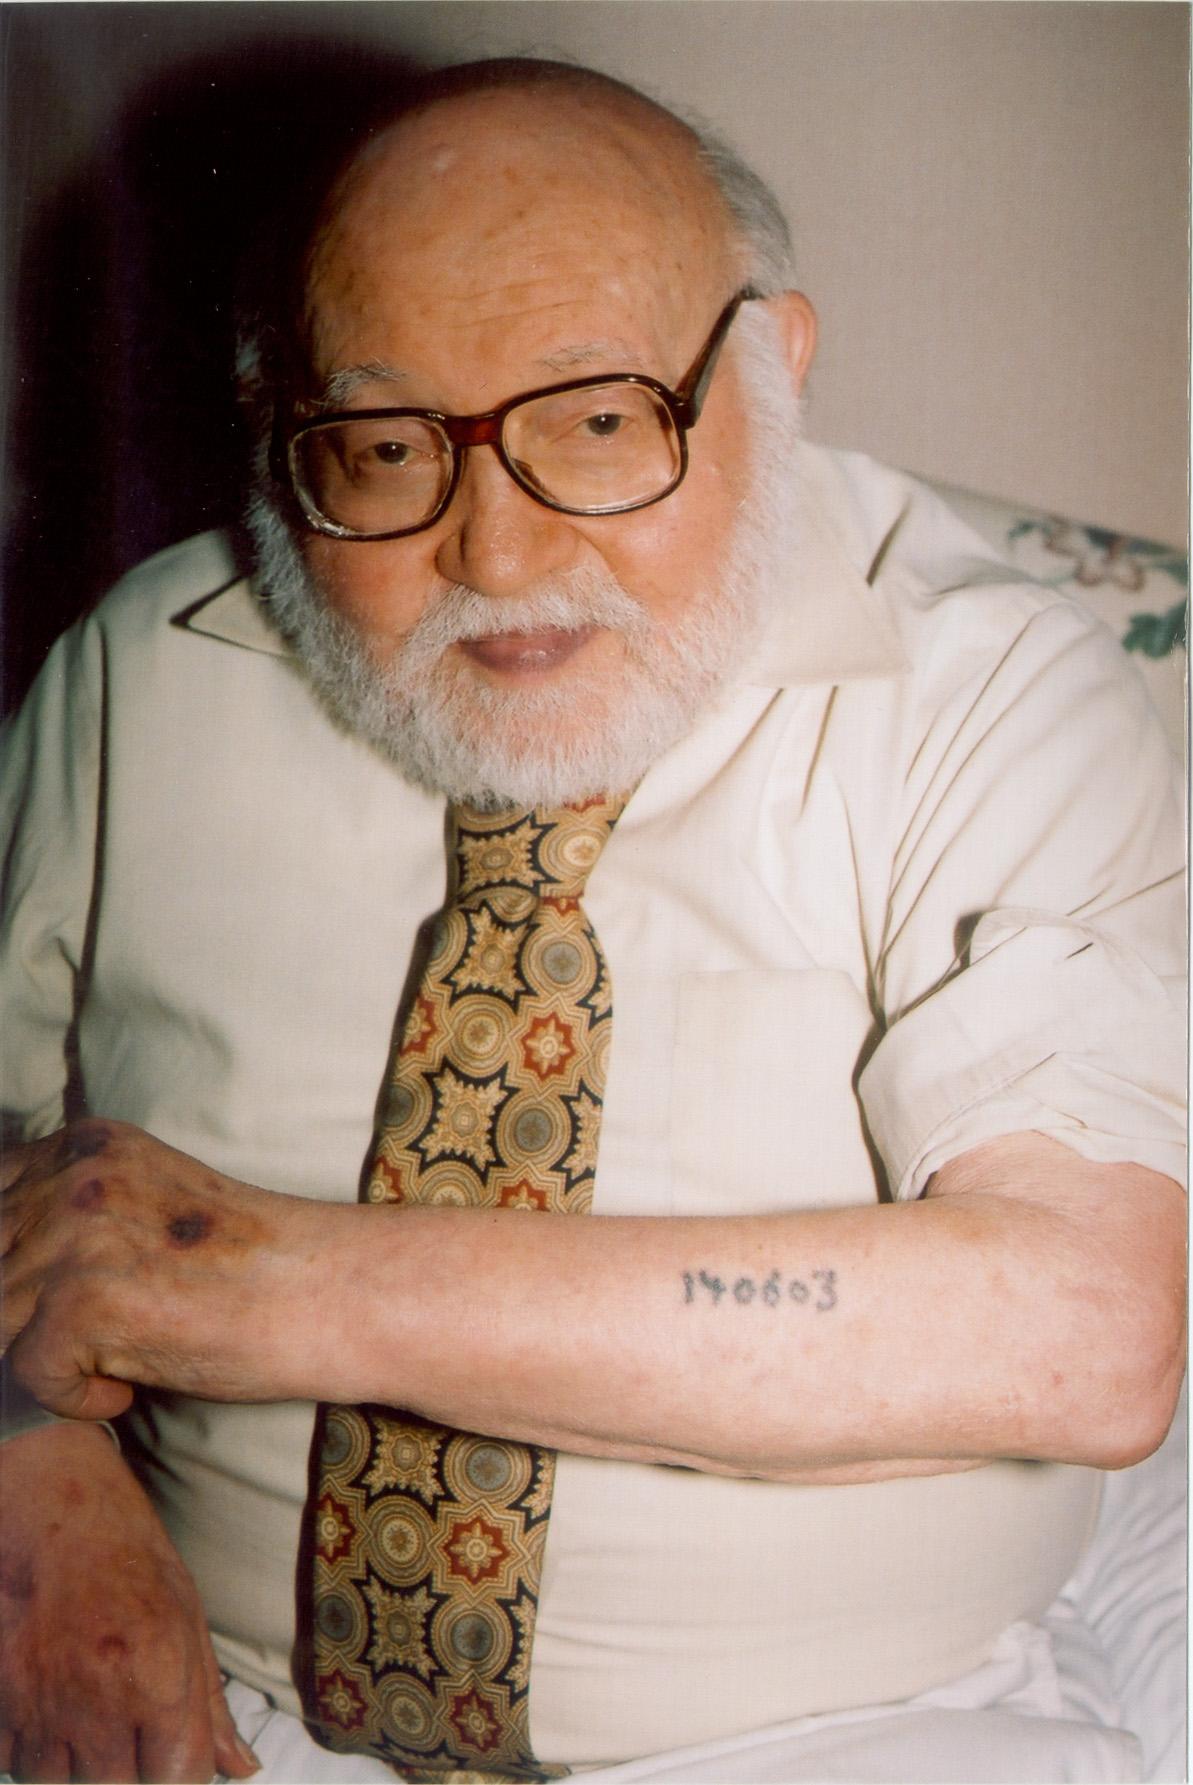 bestandauschwitz survivor displays tattoojpg wikipedia